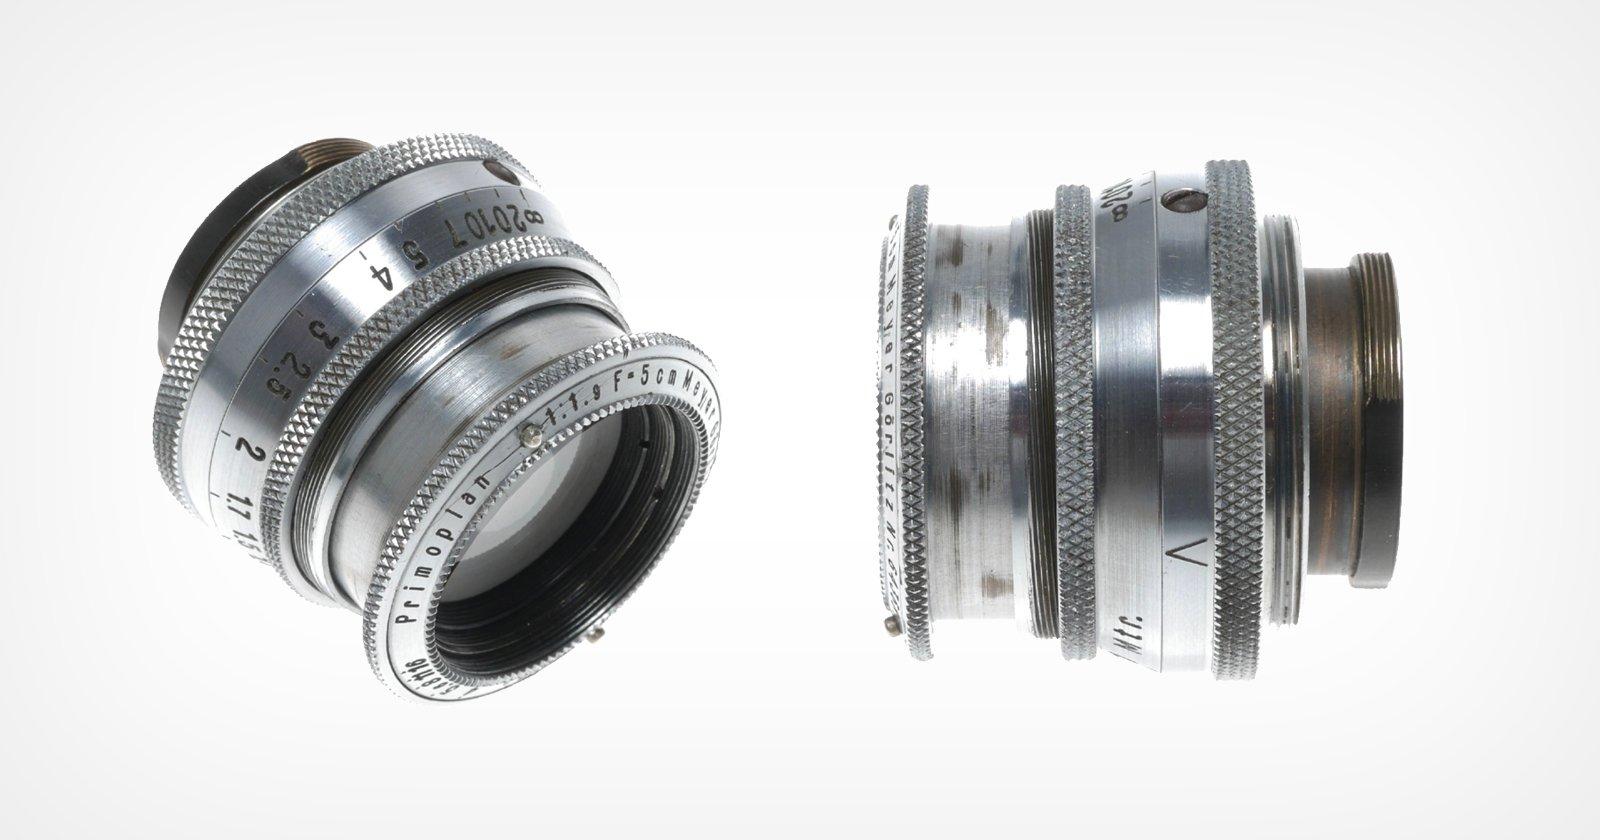 L'obiettivo Leica sul mercato delle pulci da $ 10 viene venduto per $ 50.000 in meno di 24 ore